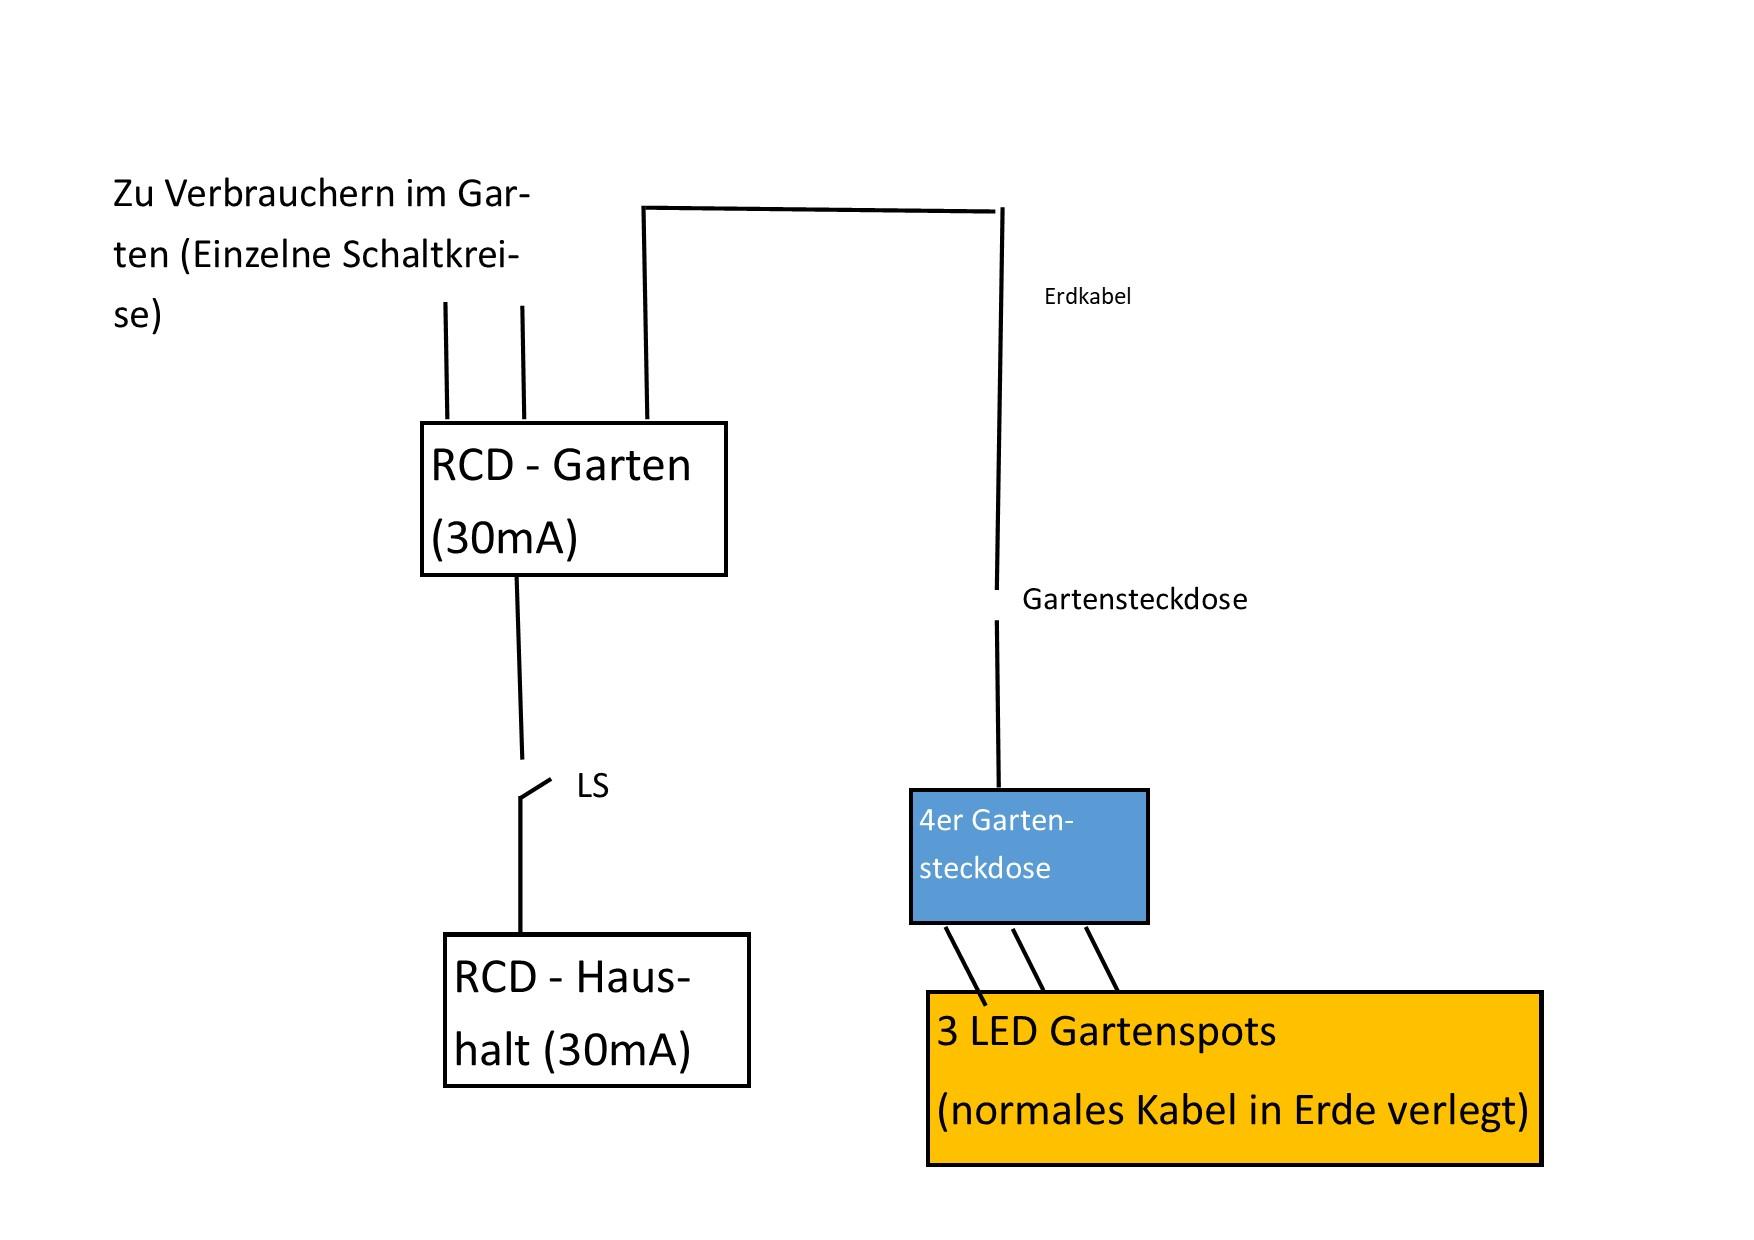 rcd/fi auslösung - gartenverteilung - feuchtigkeit? (elektronik